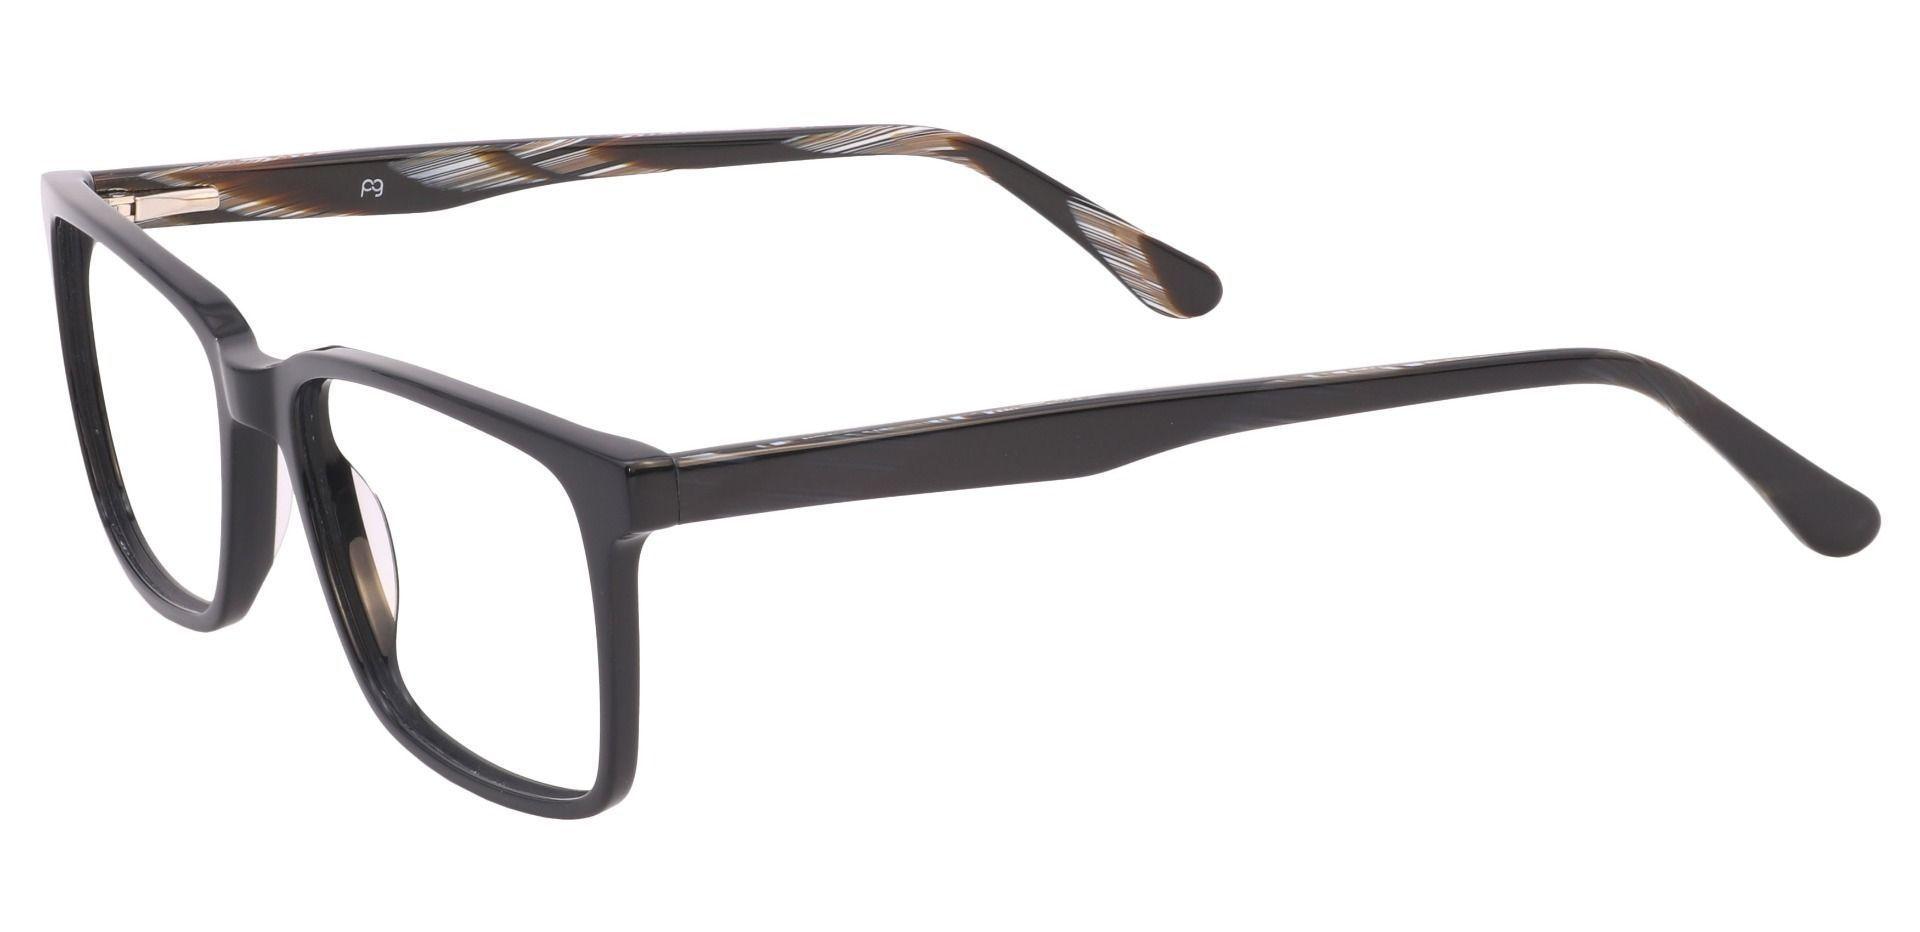 Venice Rectangle Eyeglasses Frame - Black